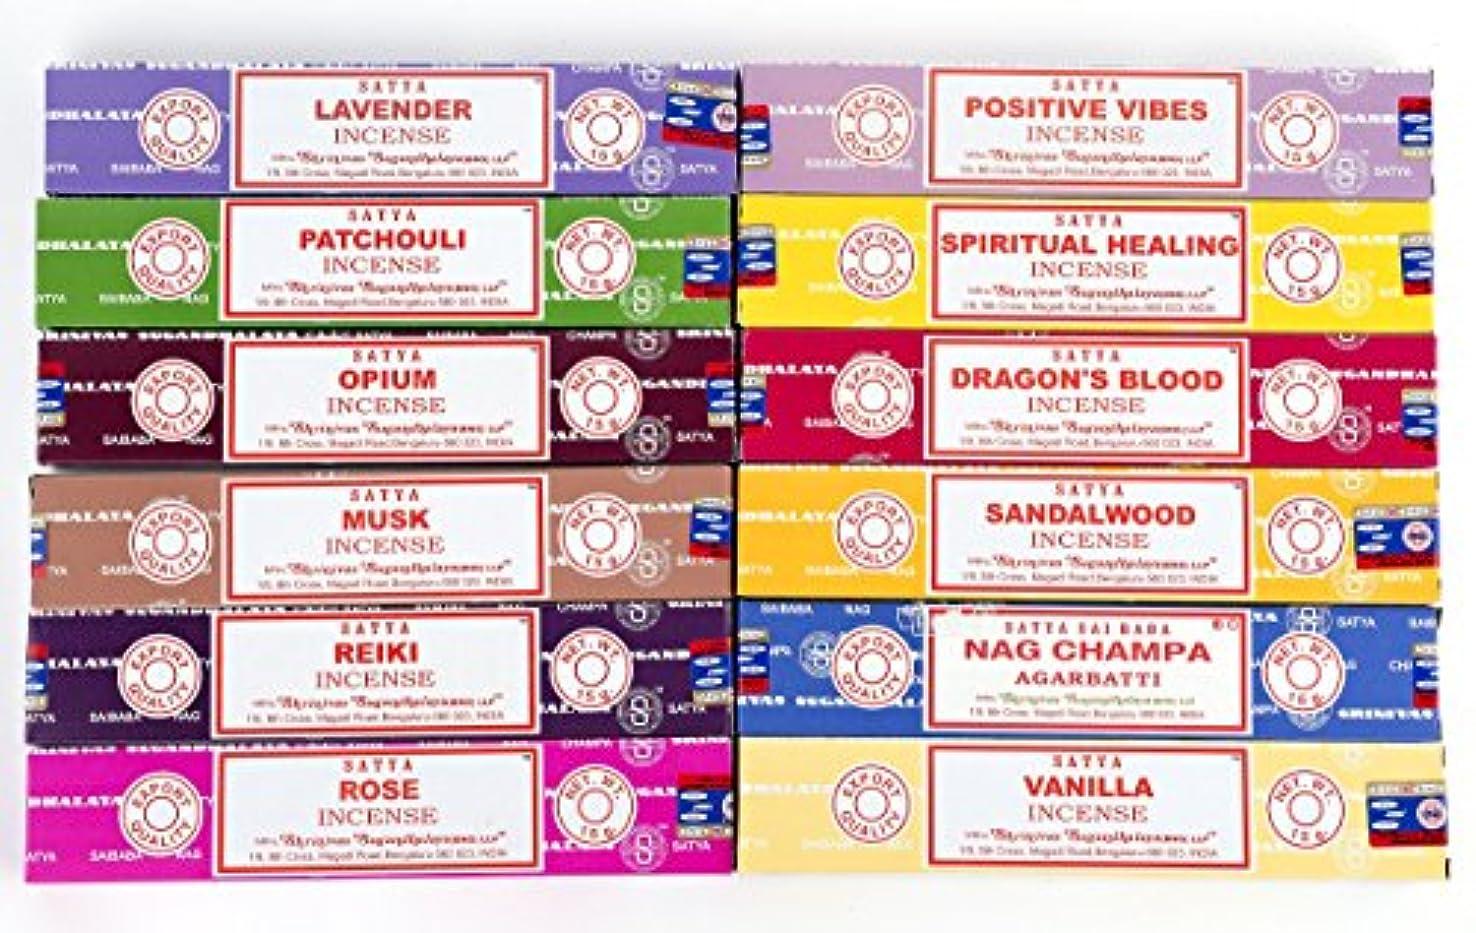 インデックス神話ぜいたくNag Champa、ラベンダー、パチュリOpium、ムスク、レイキ、ローズ、Positive Vibes、Spiritual Healing、ドラゴンブラッド、サンダルウッド、バニラ